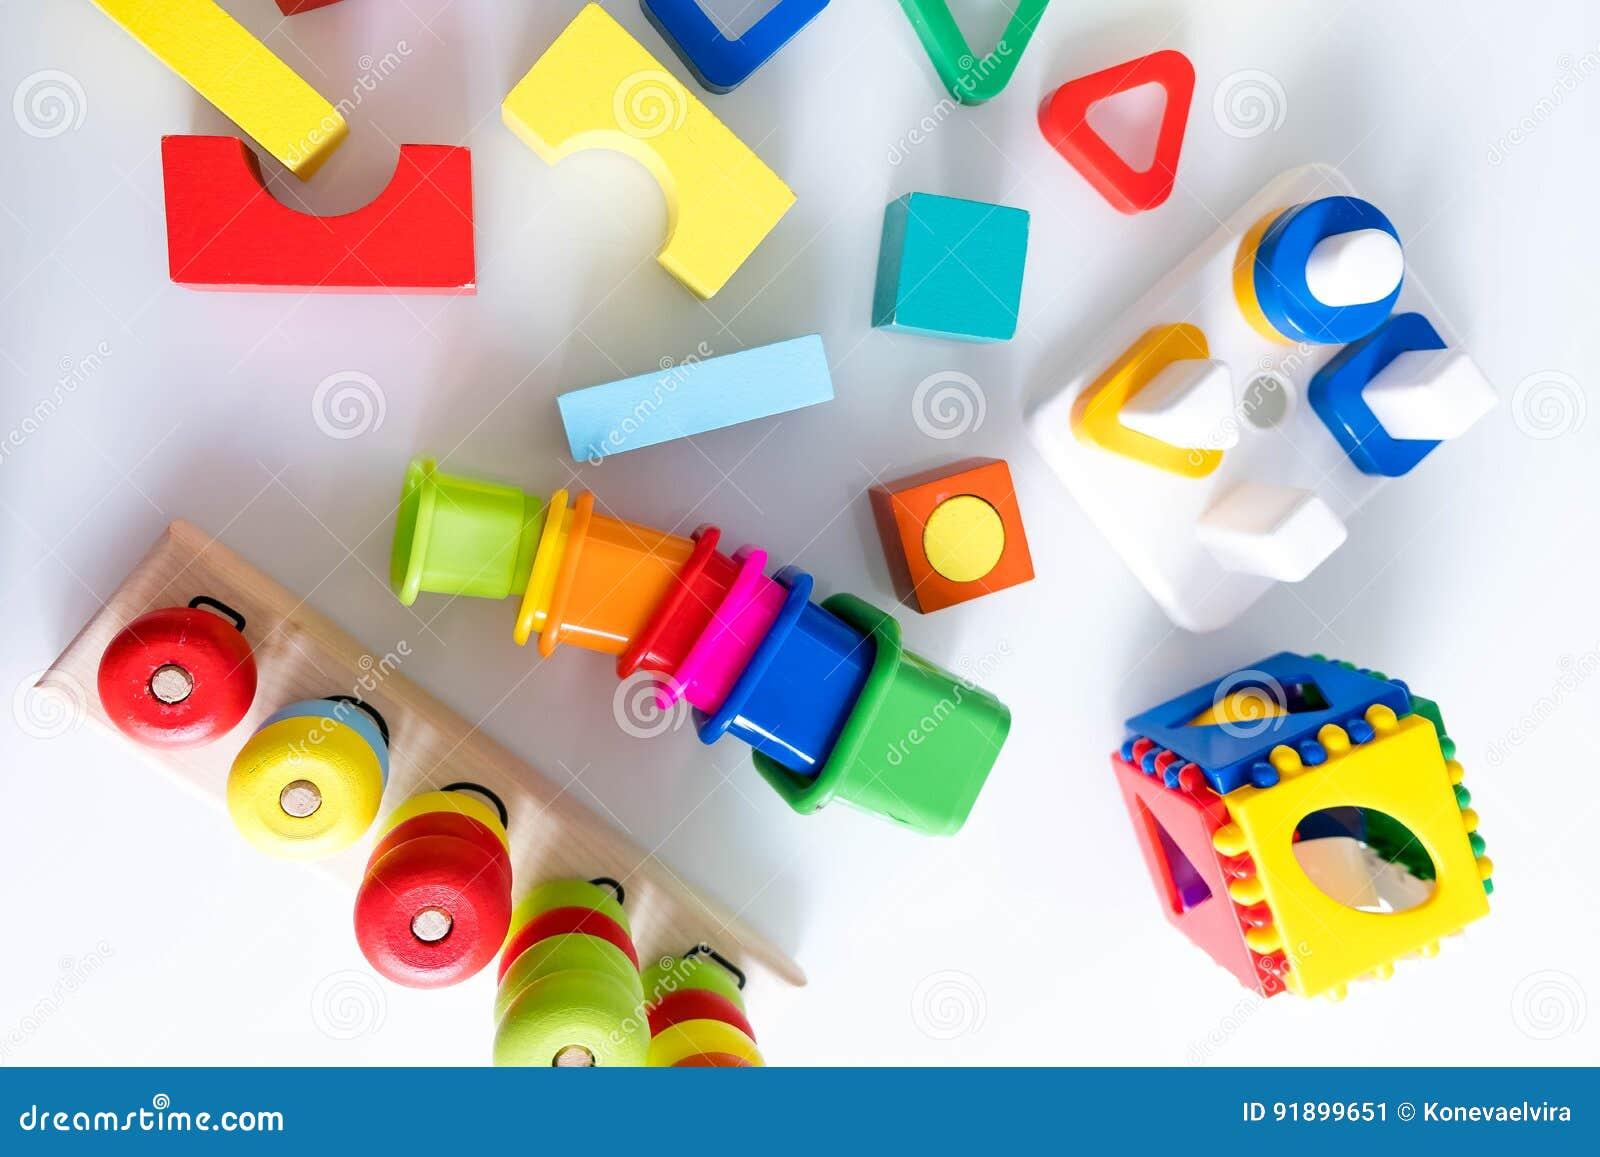 Juguetes Fondo Los Con De Niños Madera Números Y Cubos CBoedx